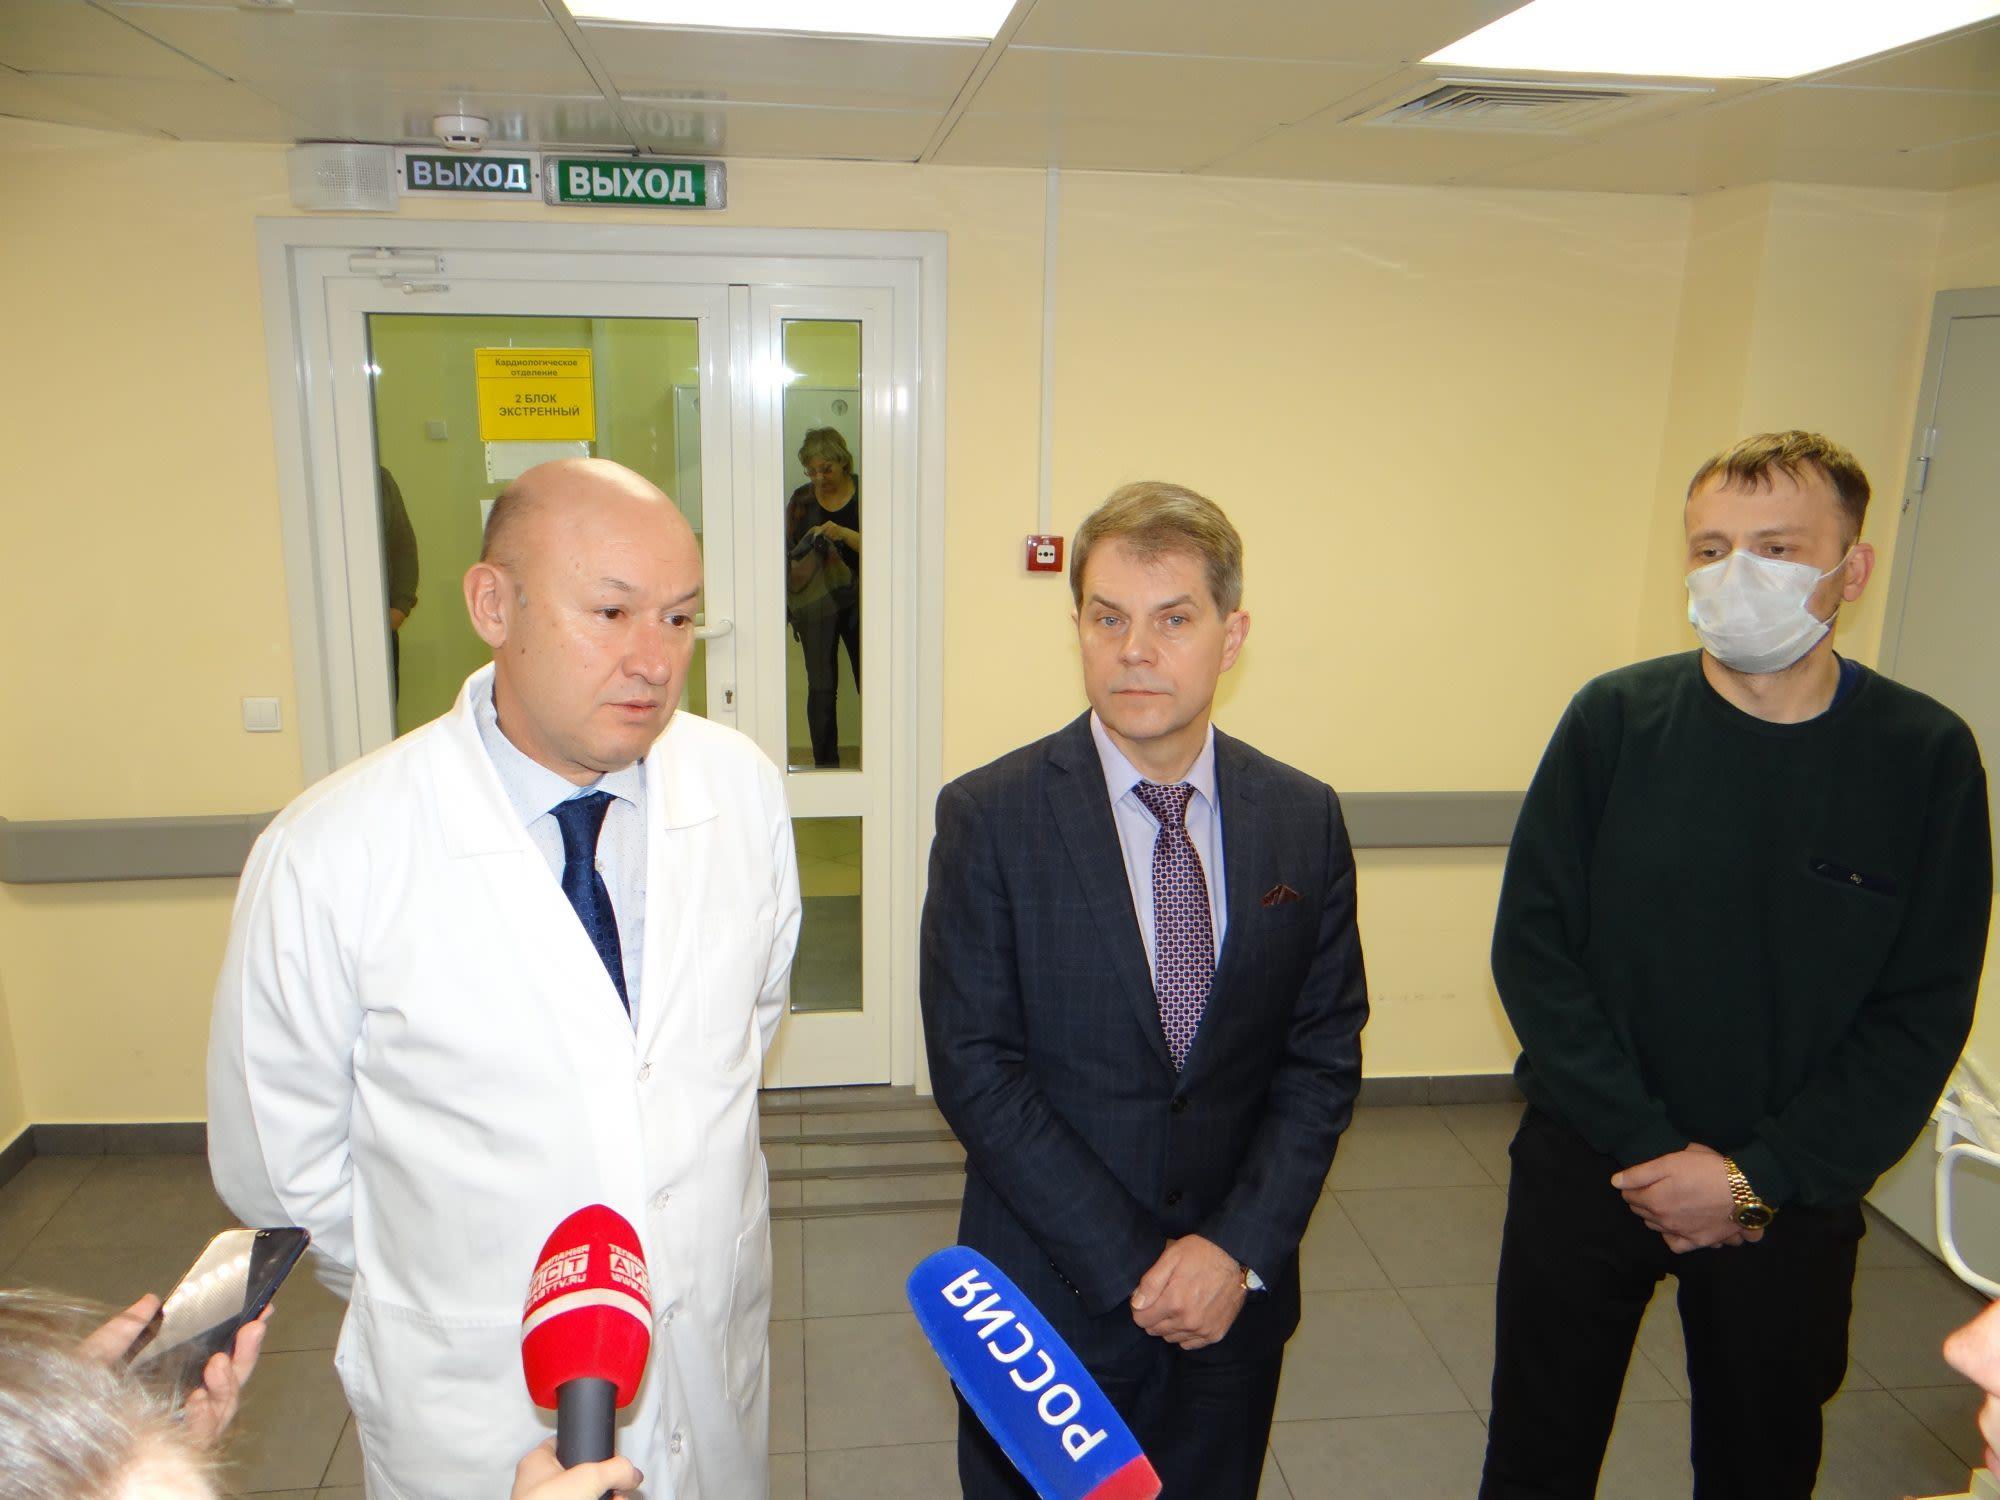 Иркутские врачи намерены проводить до семи операций по пересадке печени в год – Областная газета